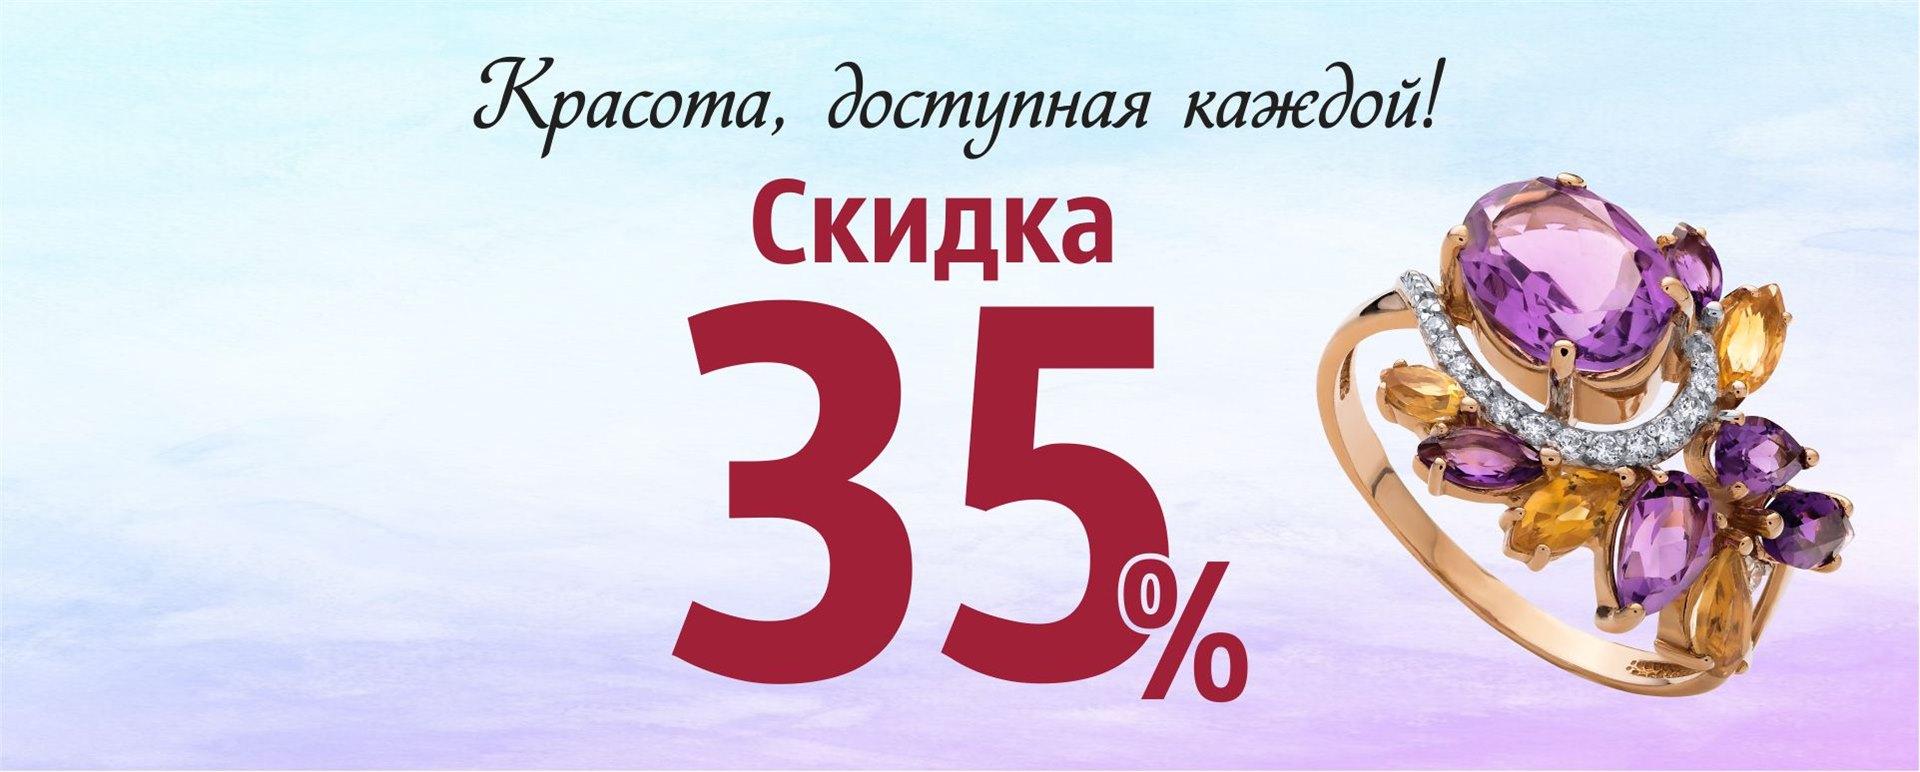 https://www.almazcom.ru/pub/img/Info/24/skidka_35_ot_postavshhika_2020_banner_na_glavnuyu.jpg